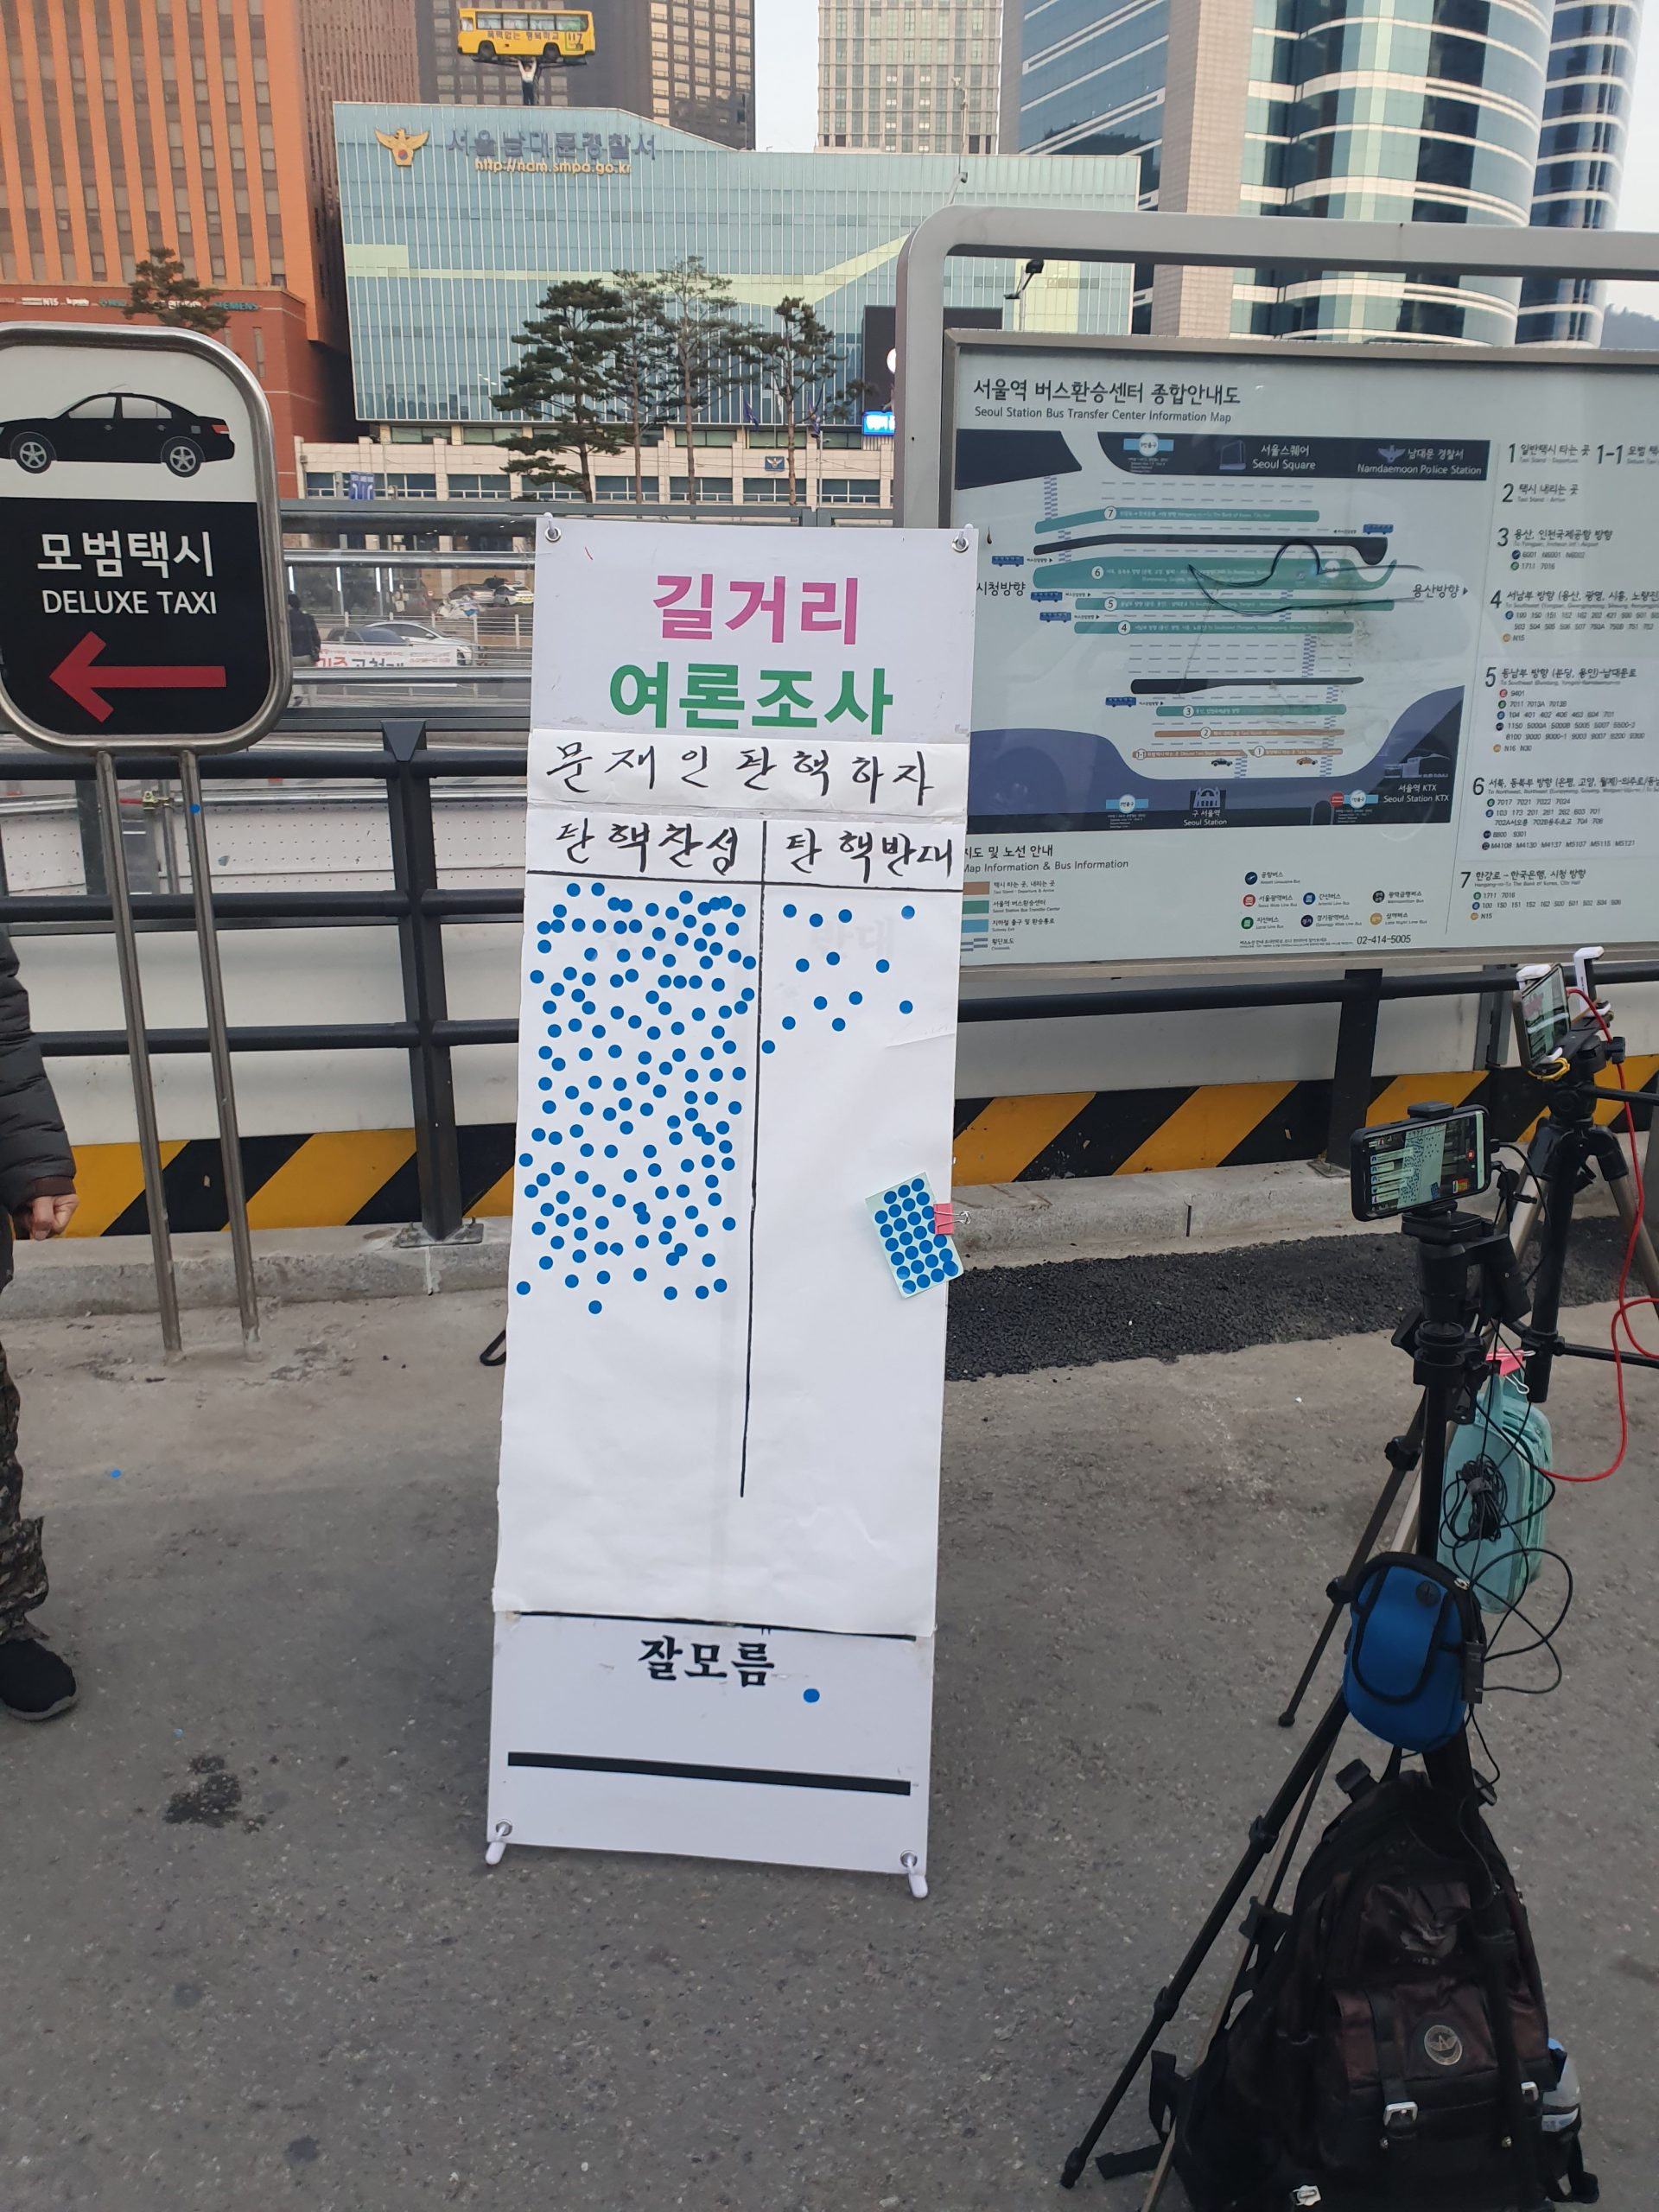 真実に負けずに突き進め! 〜 韓国人「ソウルの街頭で文在寅の支持率を調査した結果がこちら」